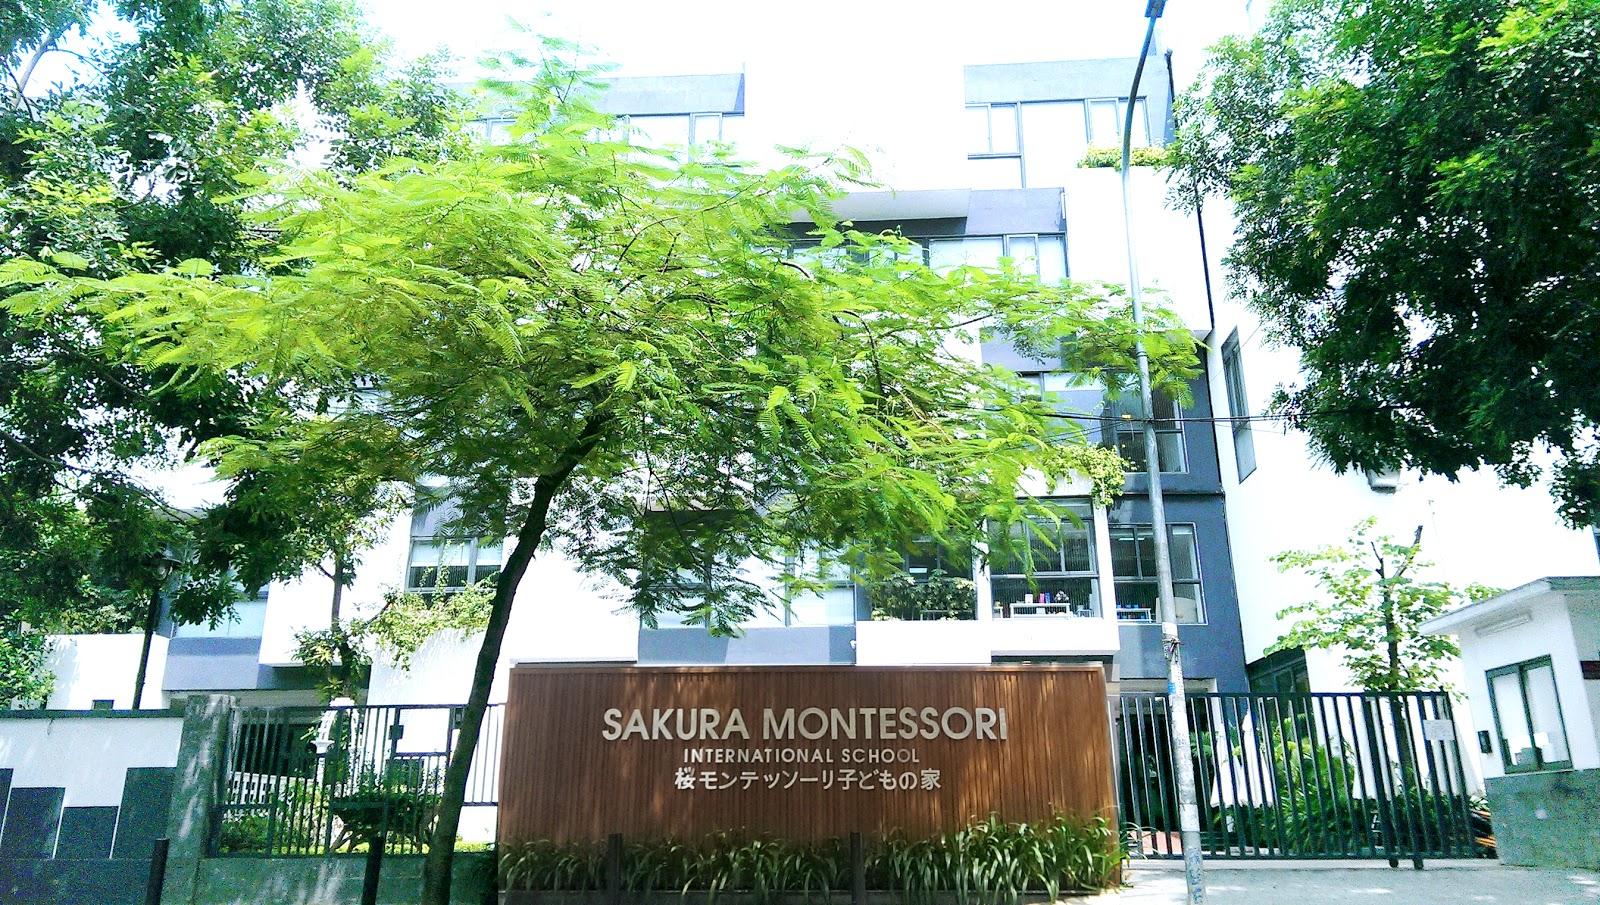 """Review những trường mầm non nổi tiếng theo hệ Montessori tại Hà Nội dành cho bố mẹ đang chuẩn bị cho con """"đi bộ đội"""" hè năm nay - Ảnh 7."""